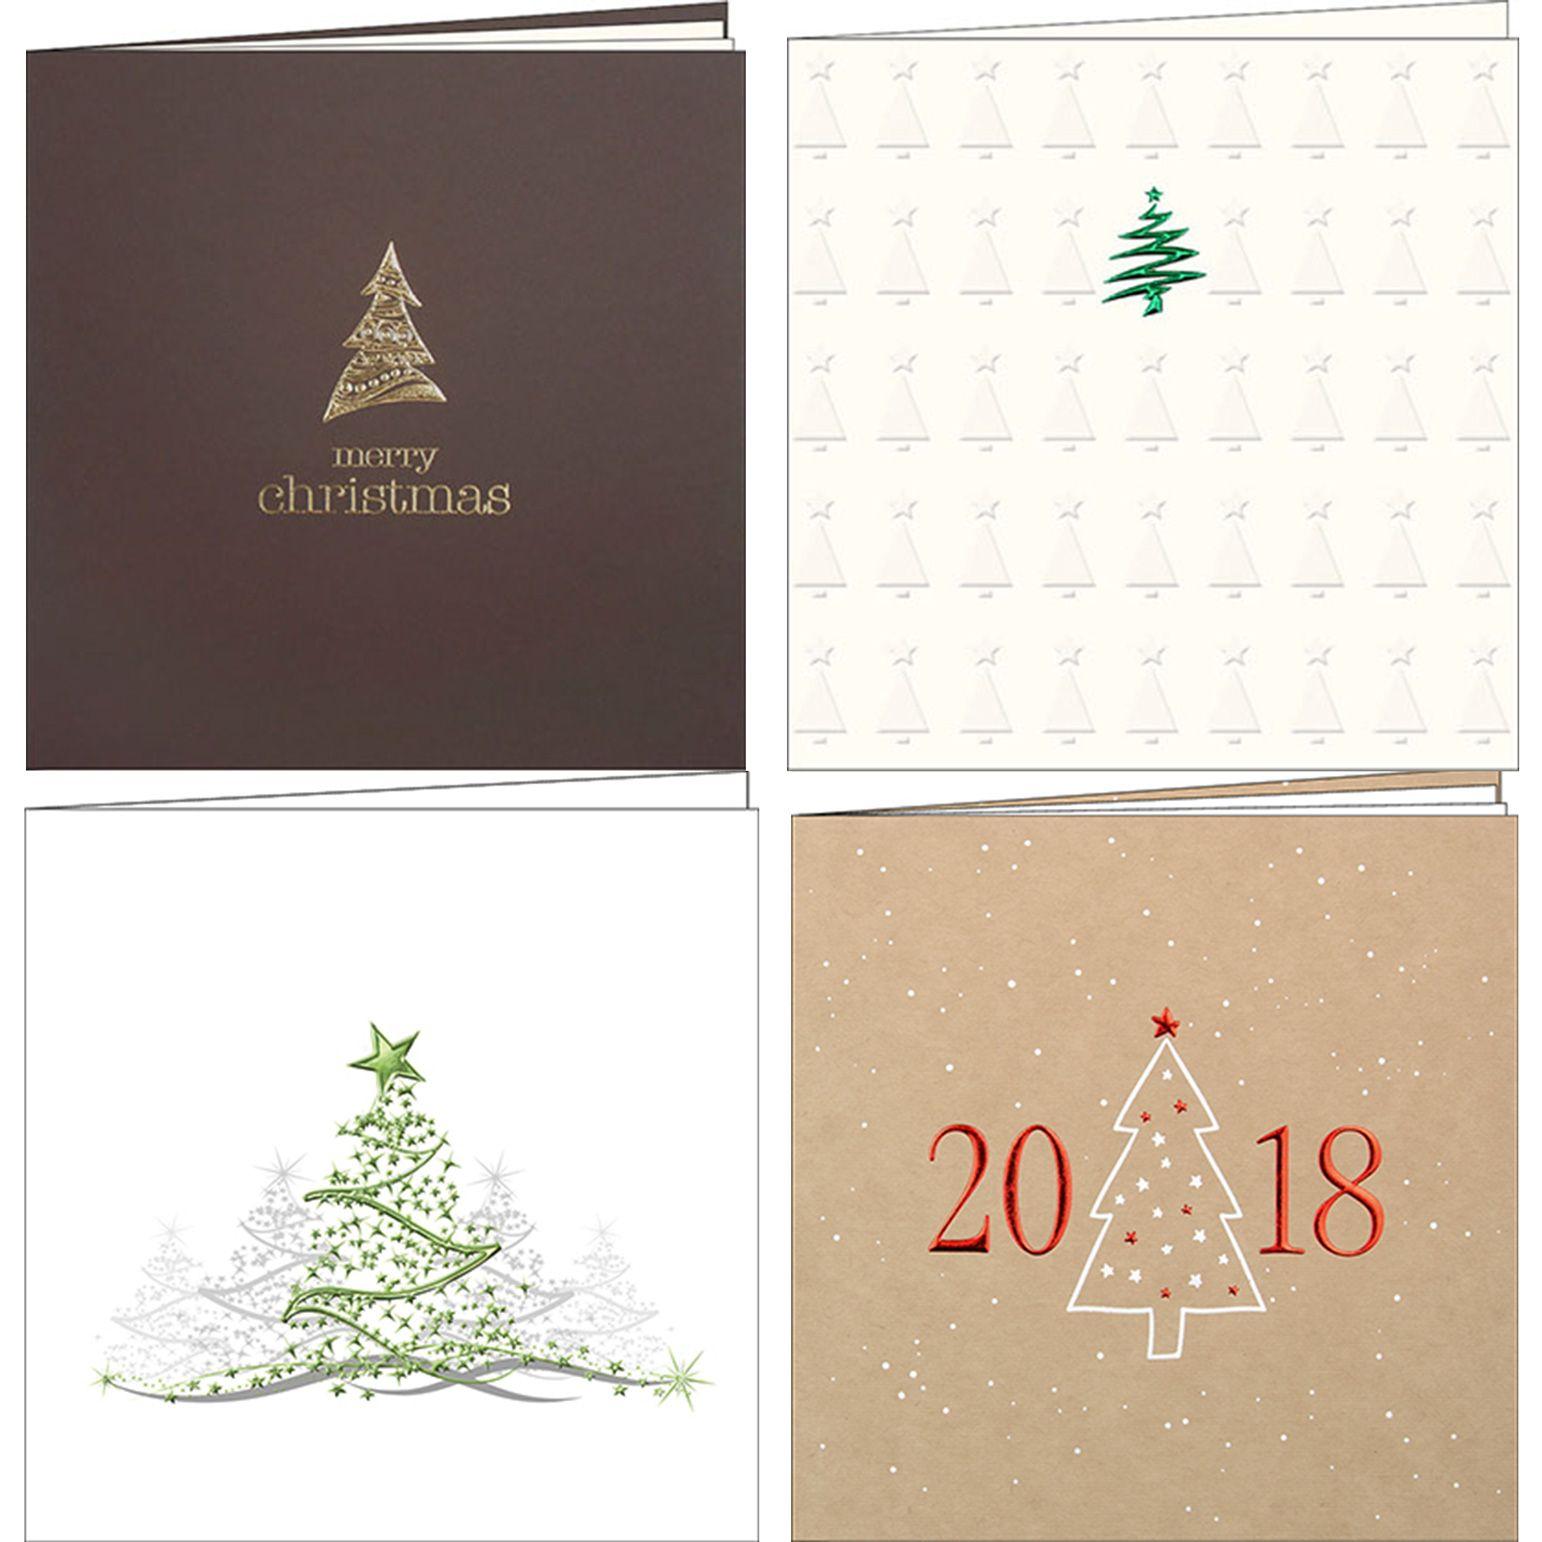 Edle Weihnachtskarten.Dieses Weekend Edle Weihnachtskarten Bestellen Unter Www